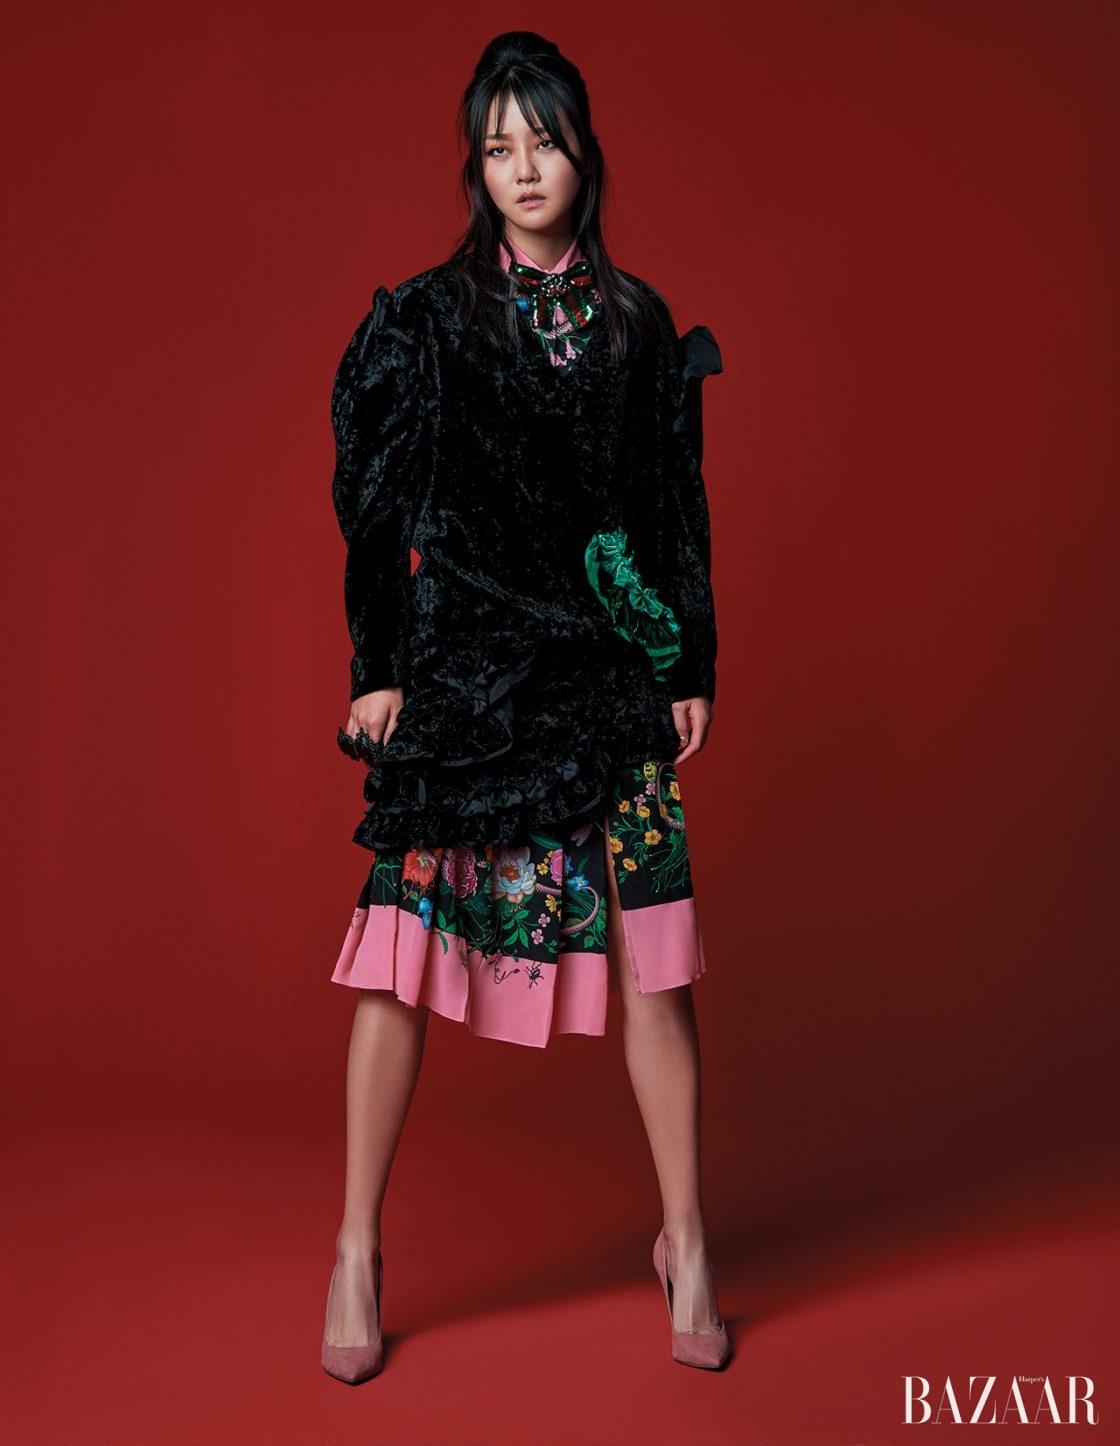 화려한 액세서리나 패턴으로 악센트를 더하라. 벨벳 원피스는 74만8천원으로 Lucky Chouette, 이너로 착용한 플라워 패턴의 리본 디테일 원피스는 5백30만원, 화려한 너클 반지는 가격 미정으로 모두 Gucci, 스틸레토 힐은 Dior 제품.